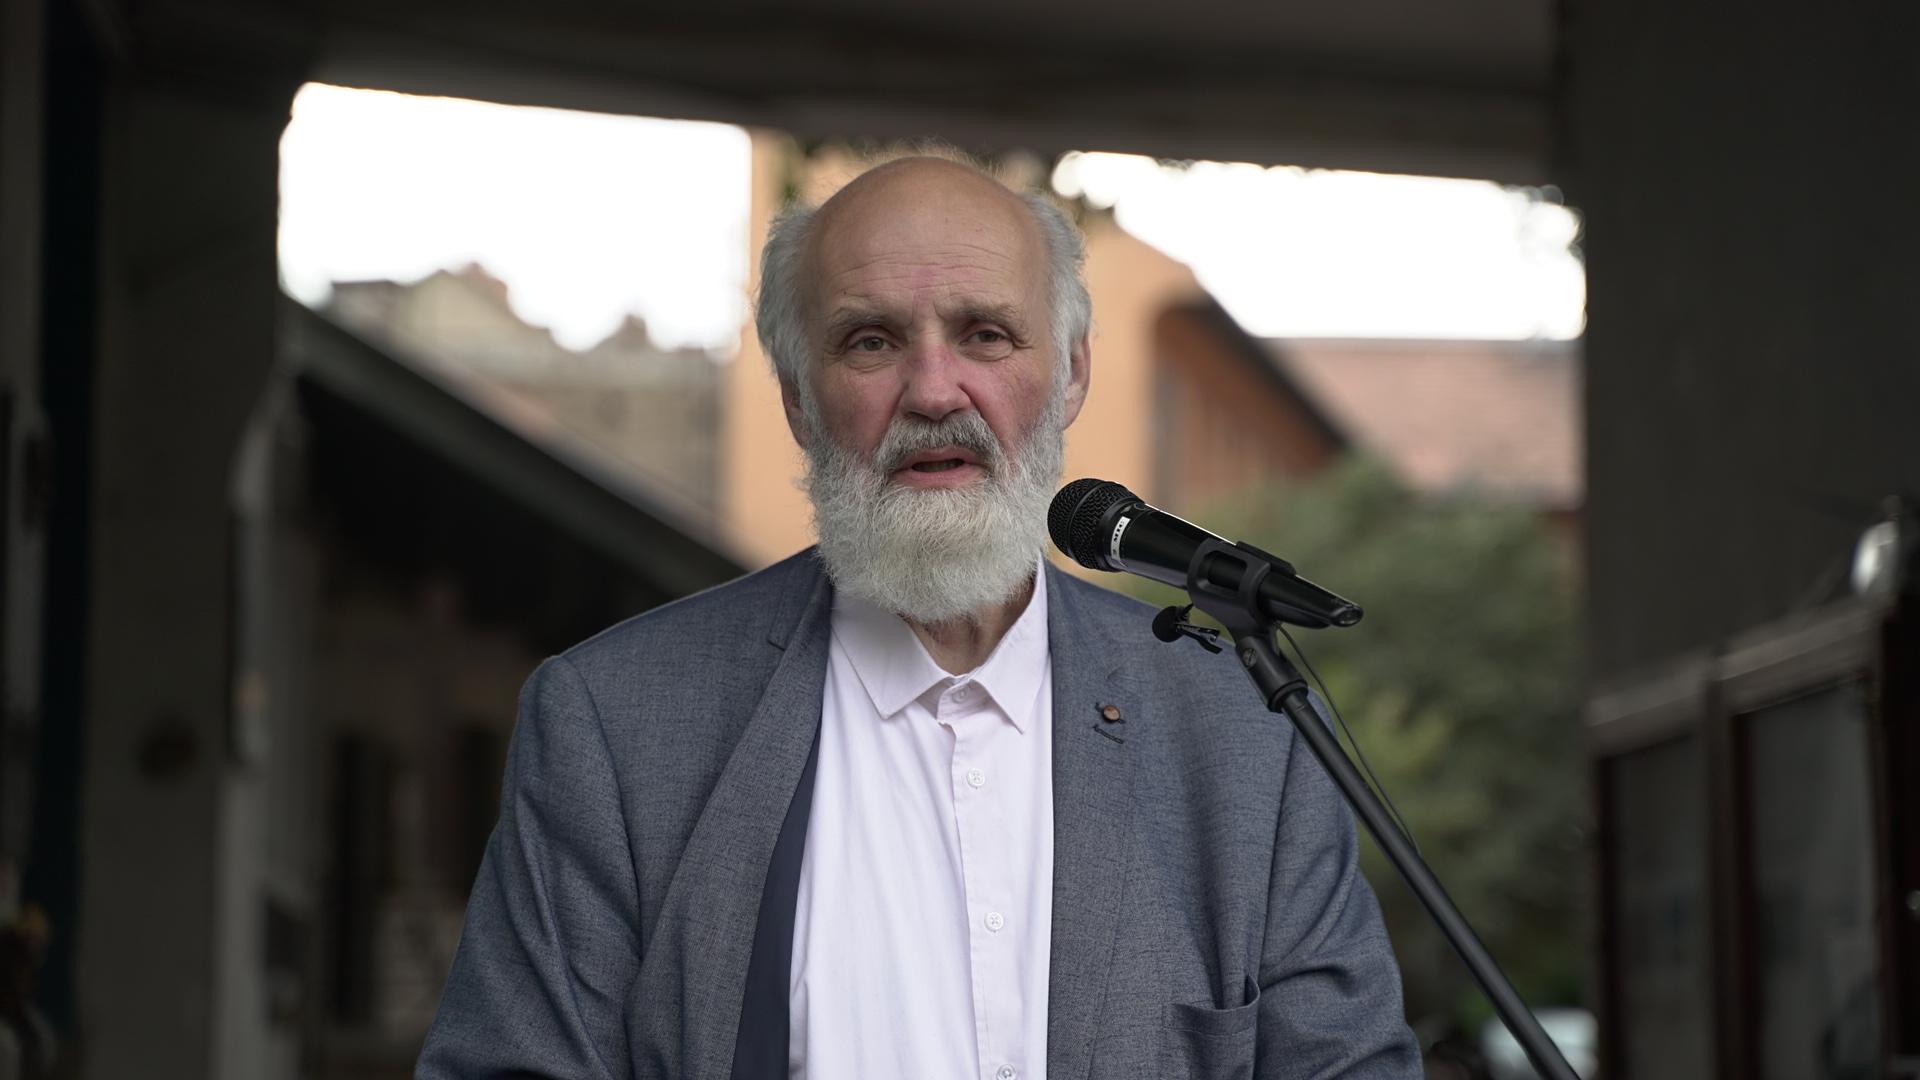 Iványi Gábor szerint utoljára a fasizmus idején próbálták meg a mostanihoz hasonló törvényekkel egy kézben koncentrálni a hatalmat